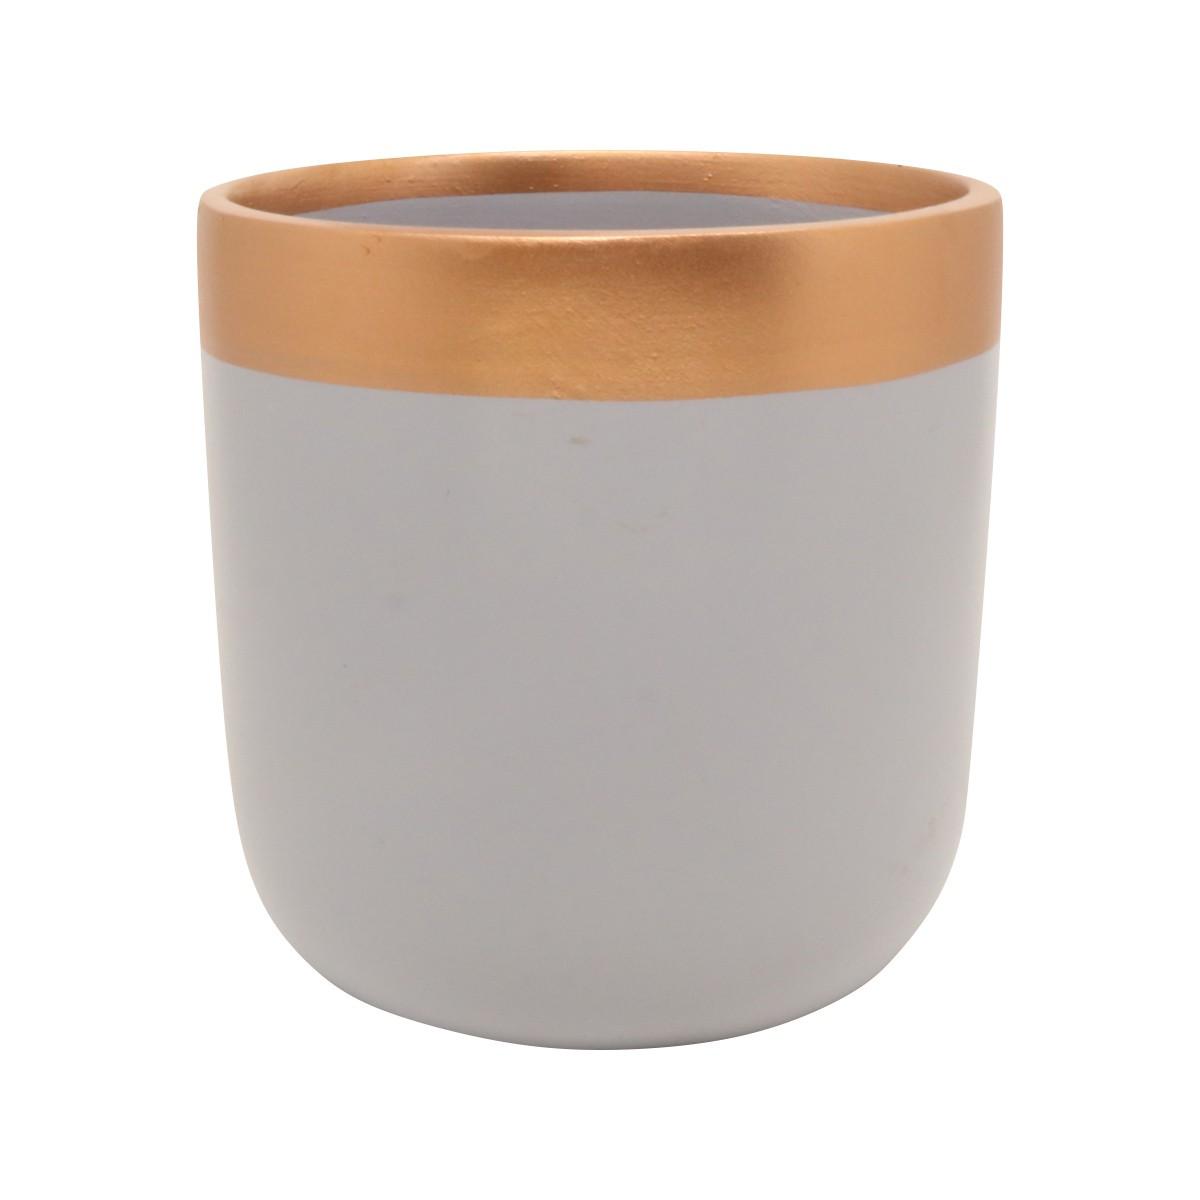 Vaso de Cerâmica para Suculentas Novel Médio Cinza e Bronze 10,5cm x 10cm - 5764